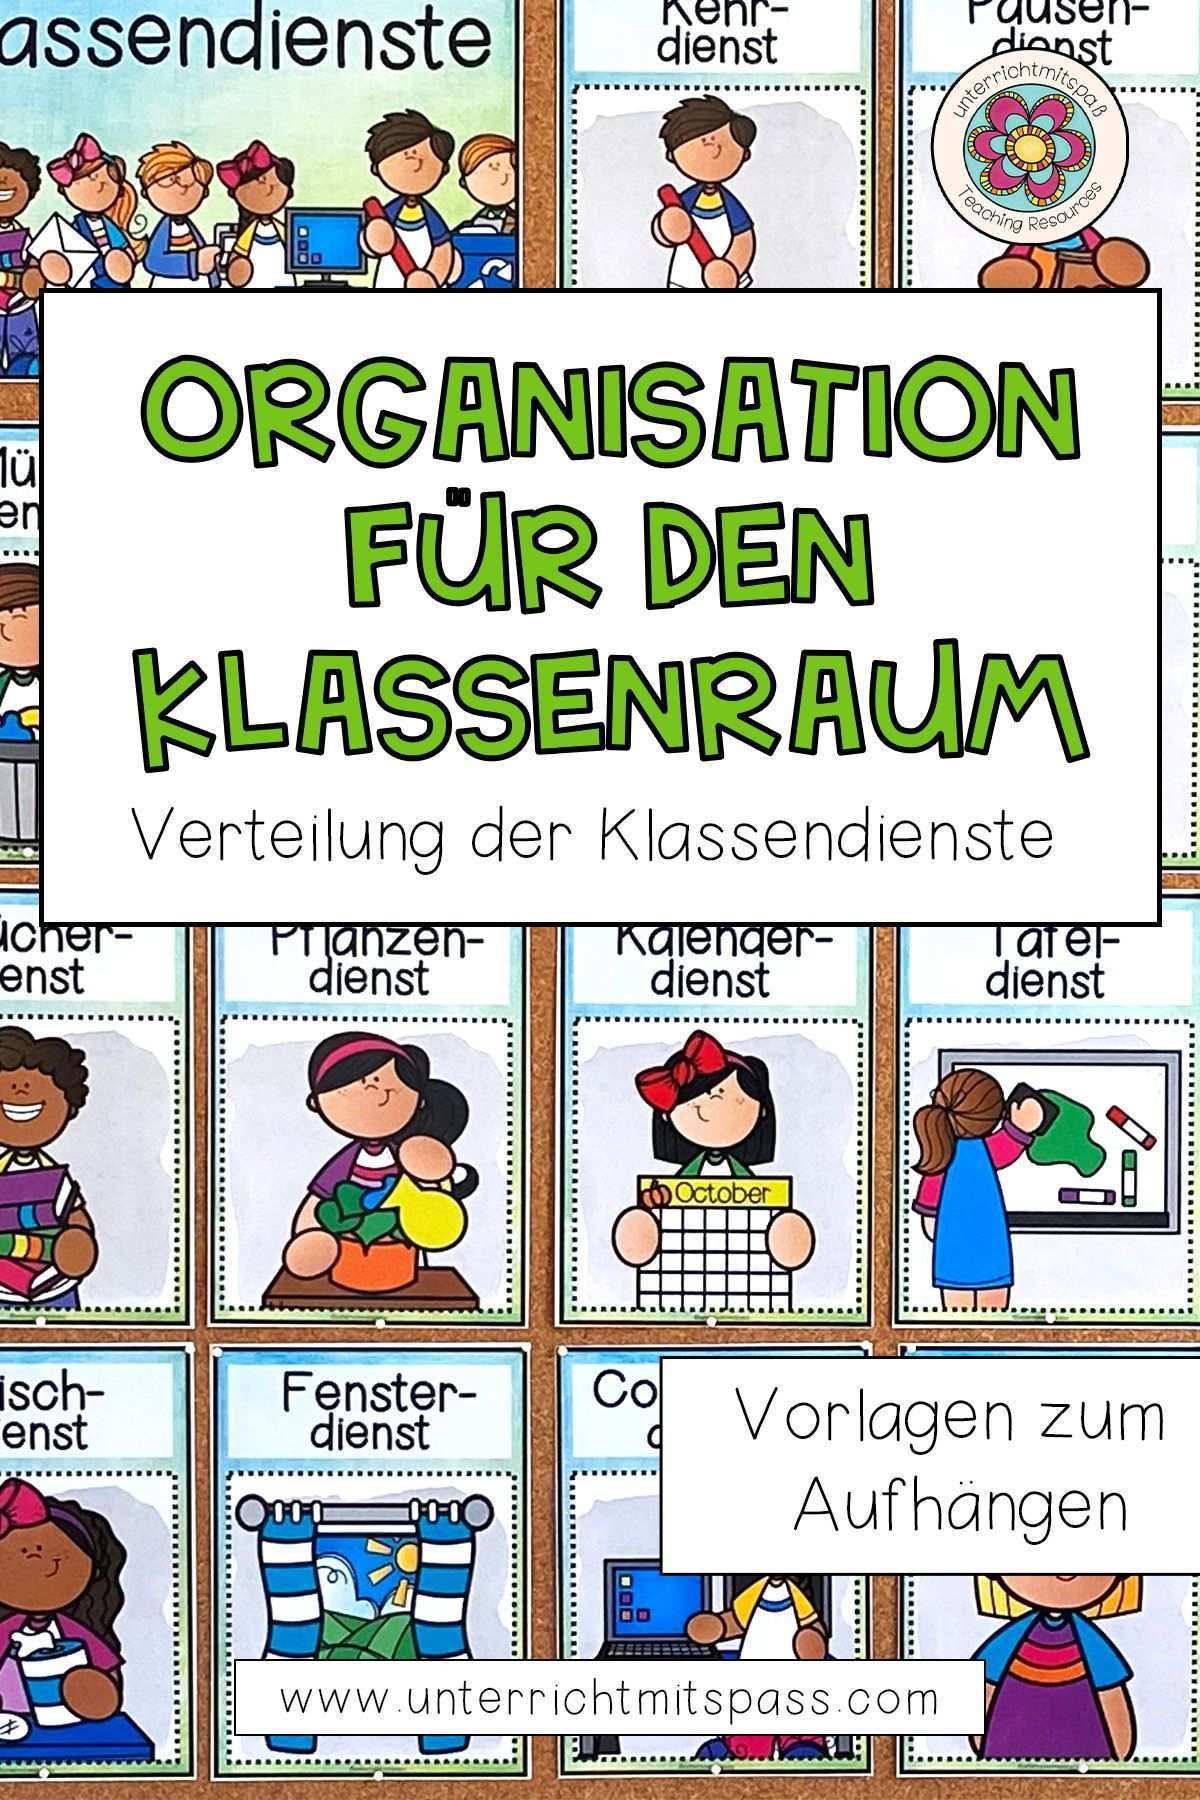 Klassenraum Einrichtung Klassendienste Vorlagen Fur Klassenregeln Grundschule Klassenraum Klassenregeln Grundschule Erste Klasse